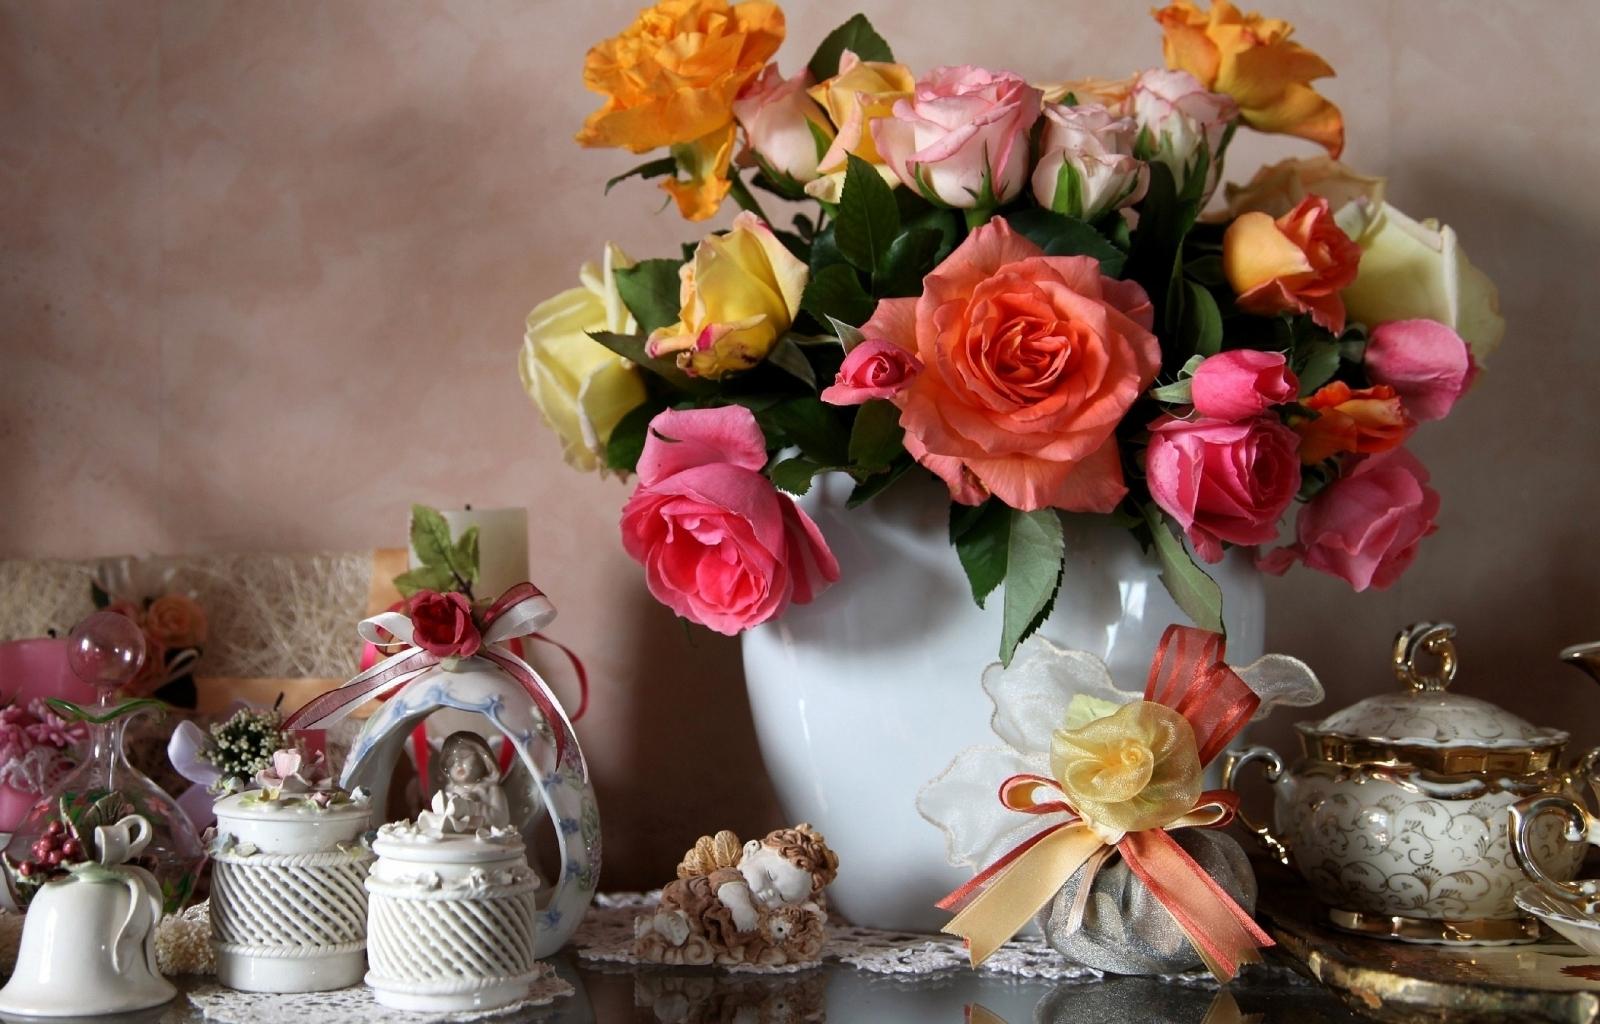 28587 скачать обои Растения, Цветы, Посуда, Букеты, Натюрморт - заставки и картинки бесплатно